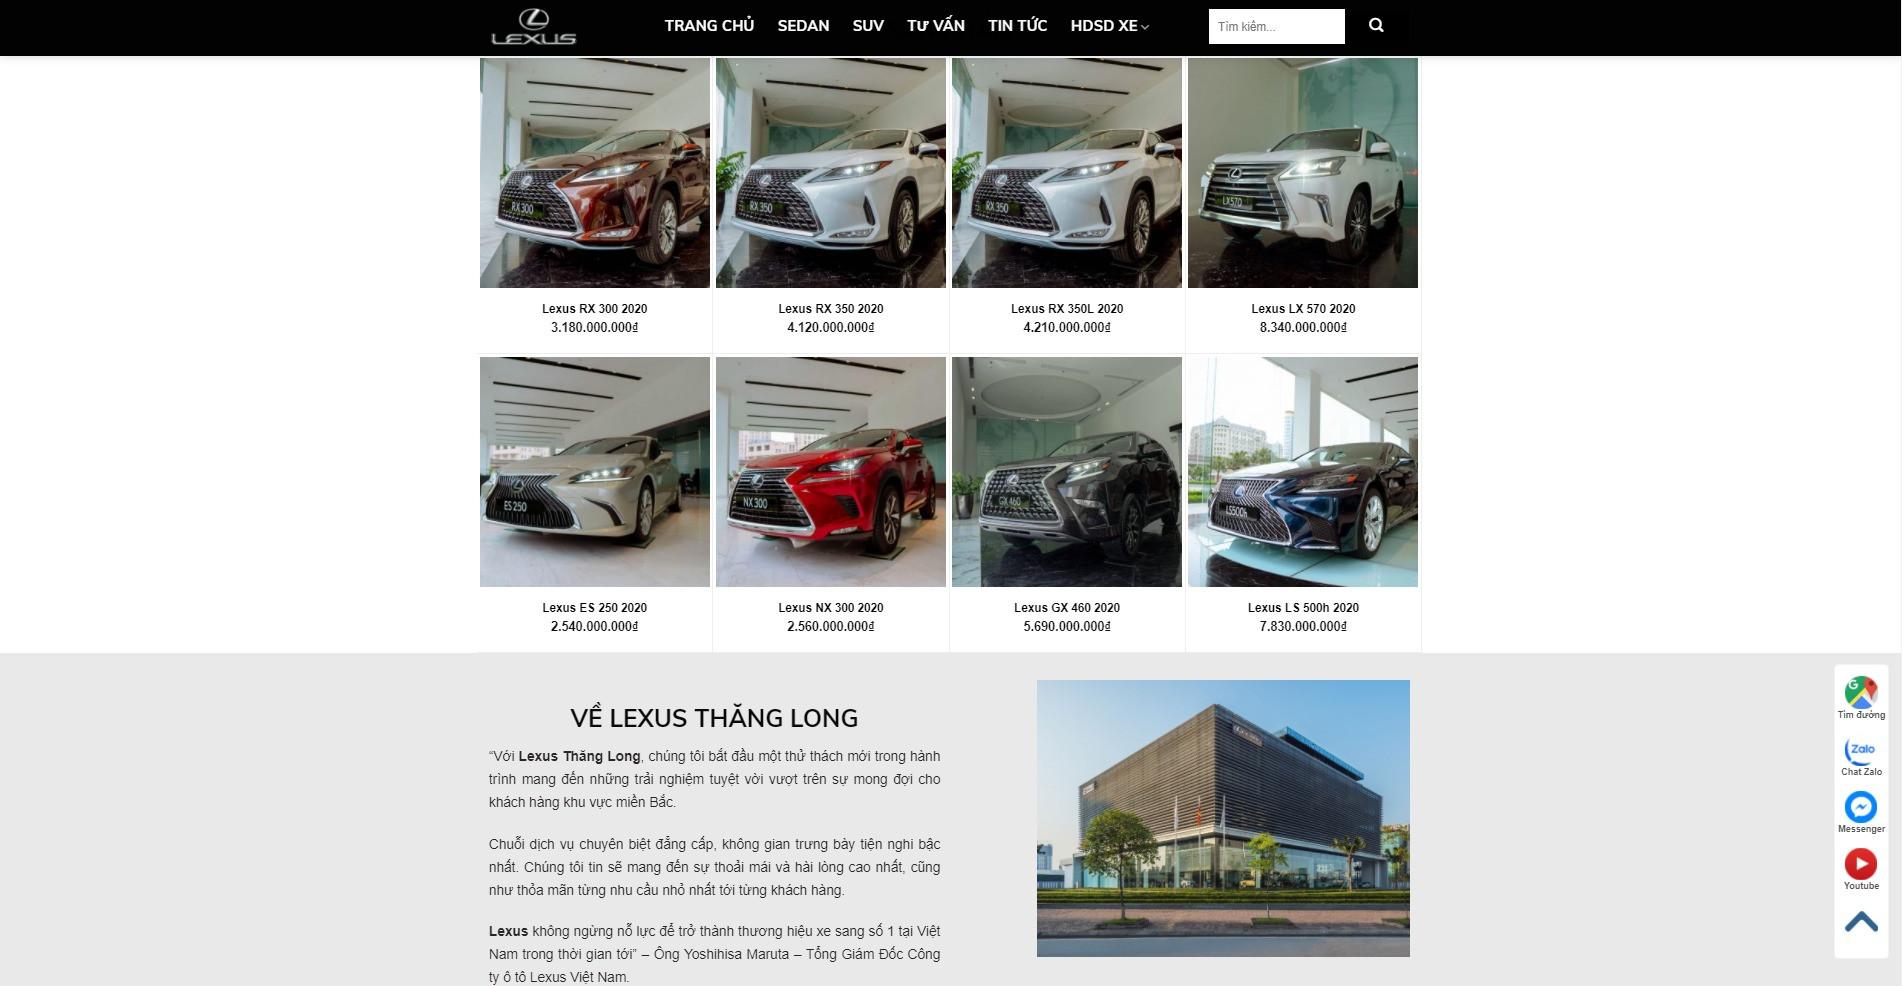 Mục sản phẩm ở trang chủ Website ô tô Lexus